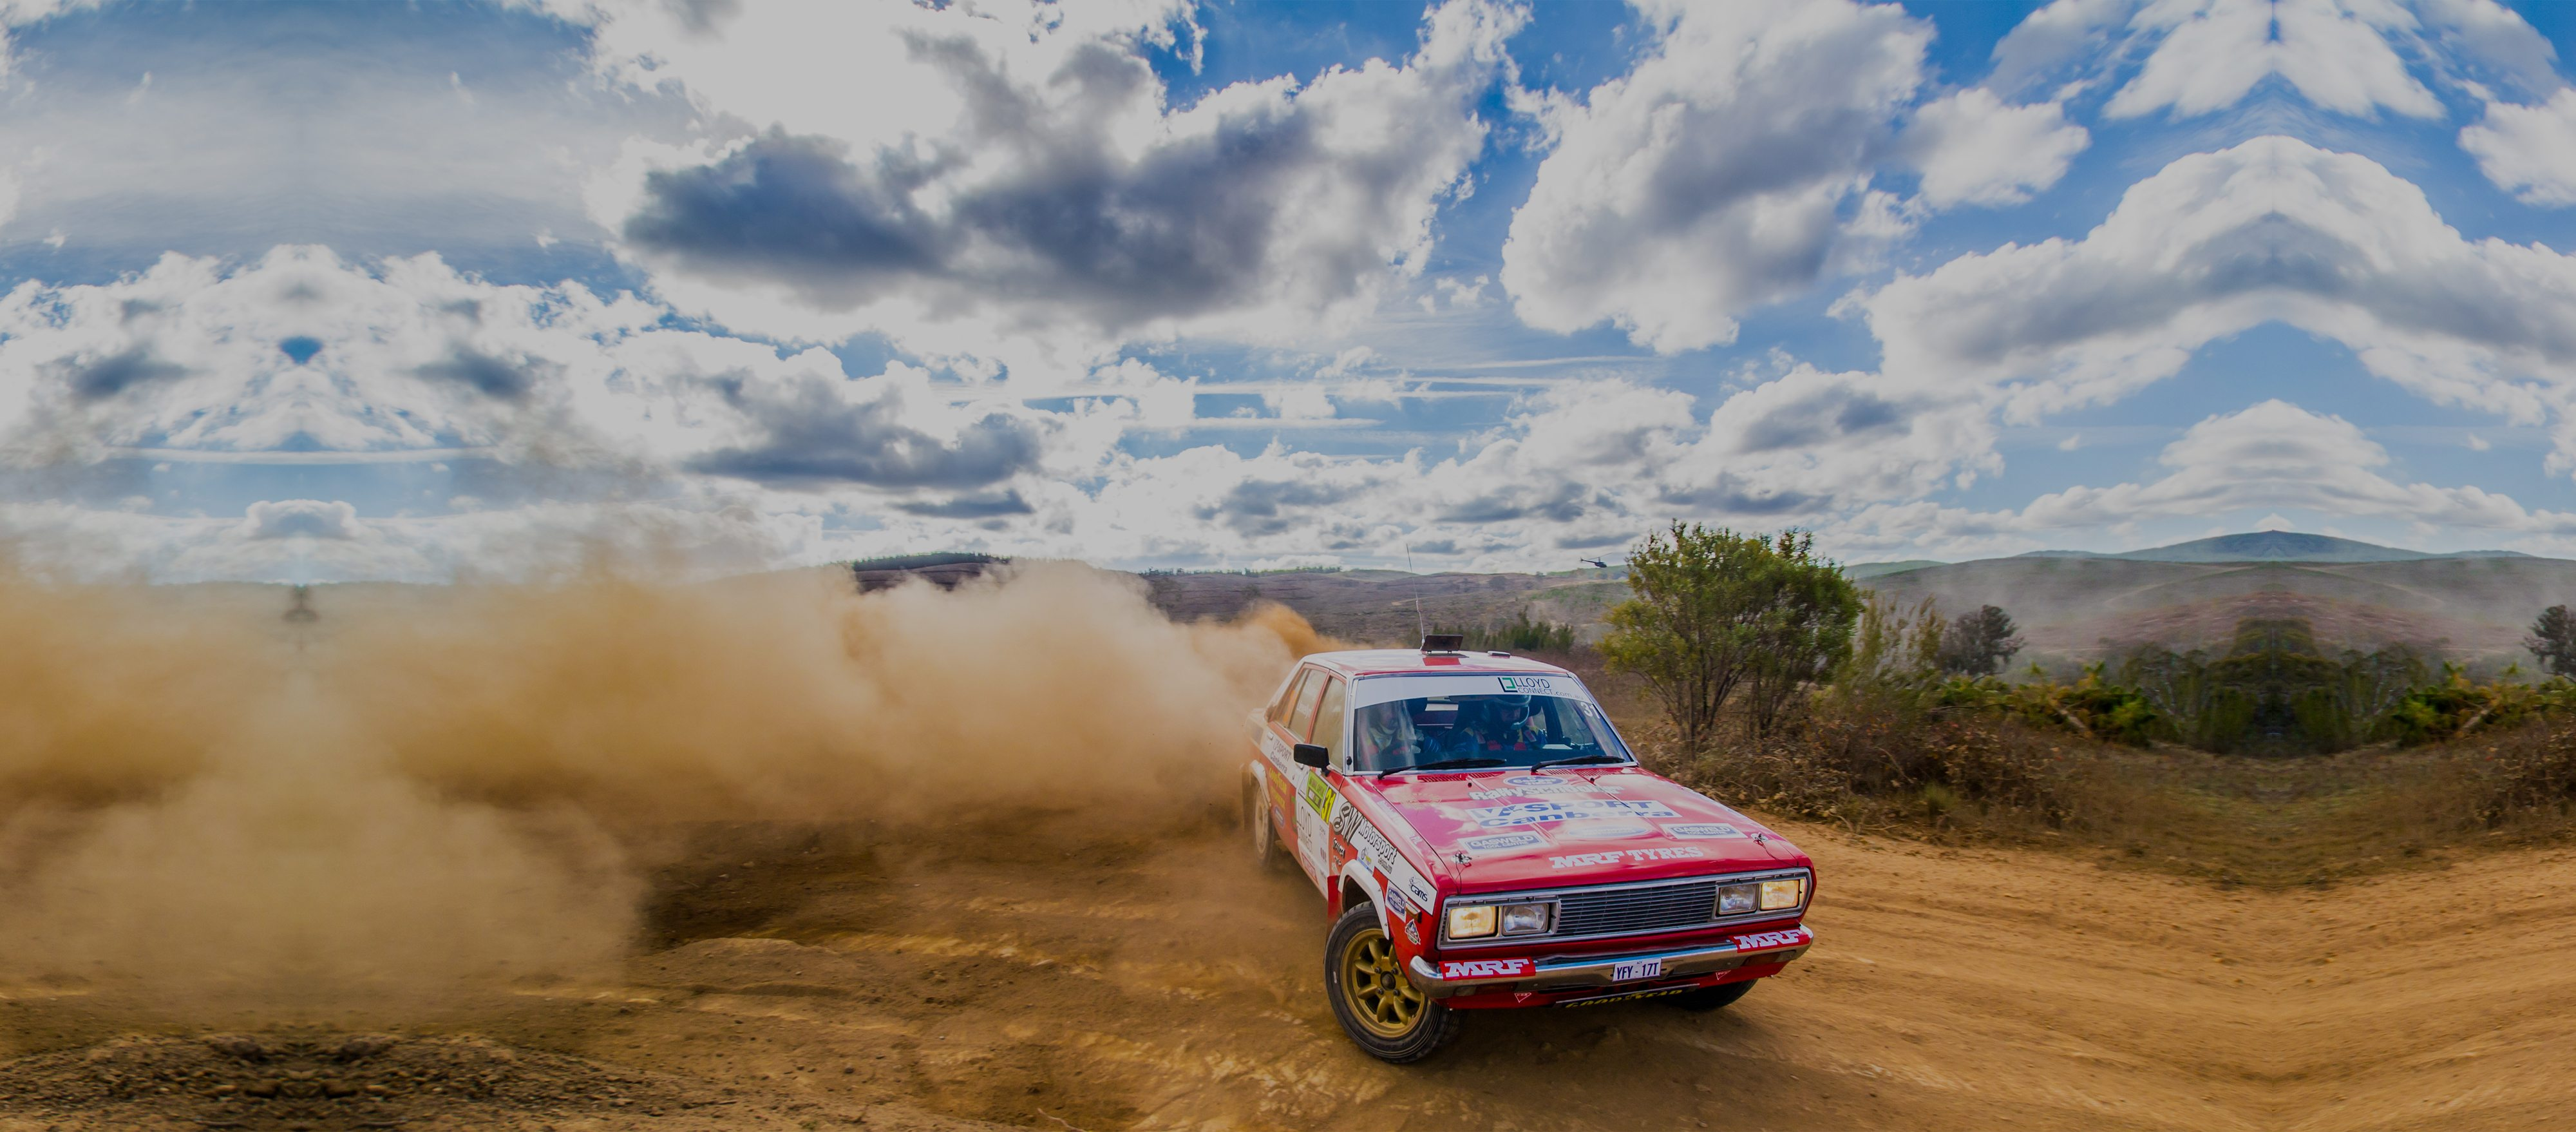 BMSC | Brindabella Motor Sport Club | Club Rallying